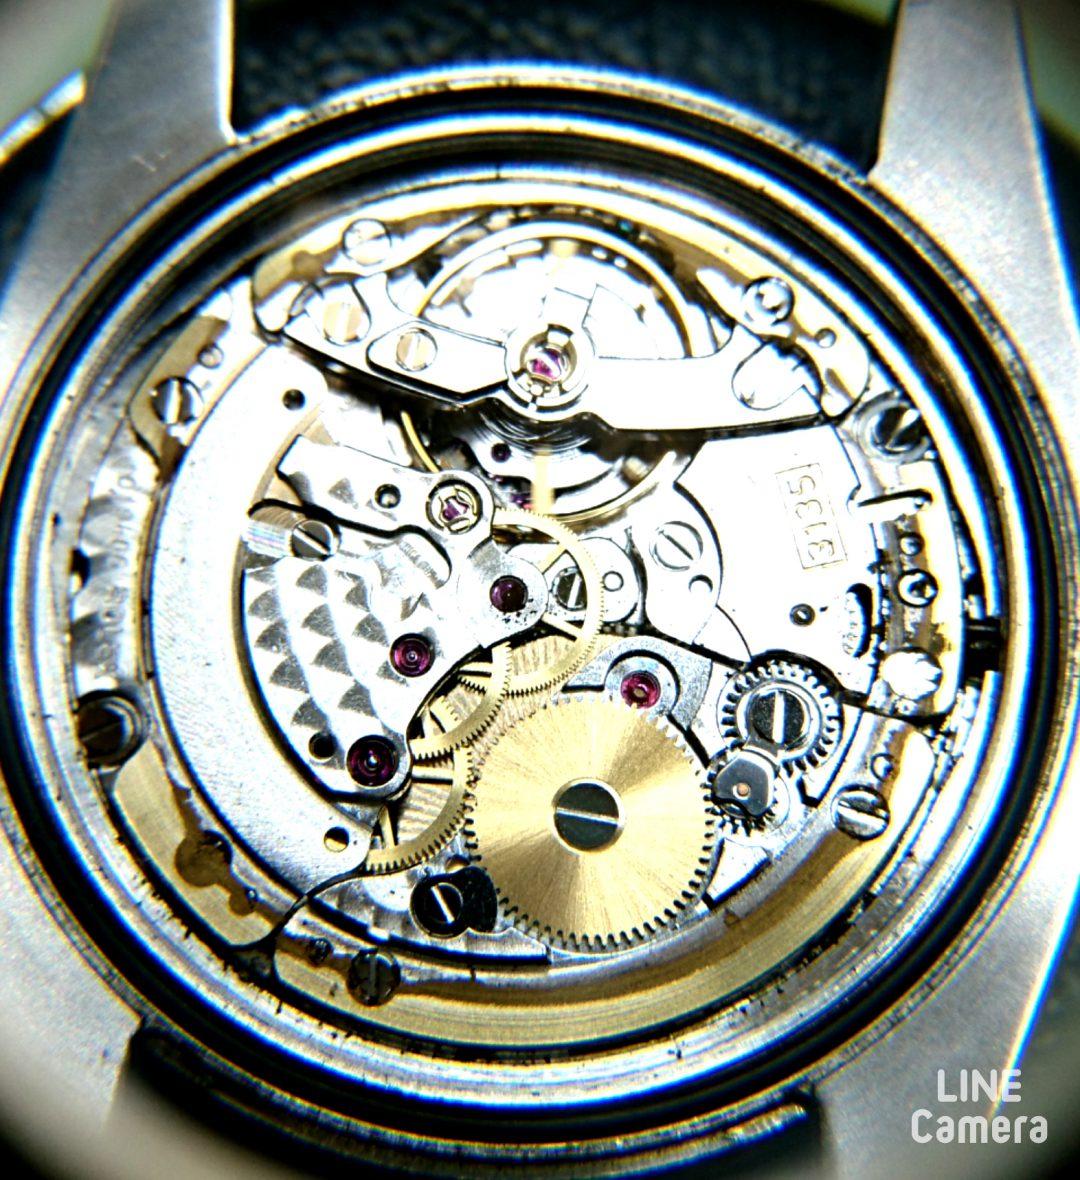 自動巻き時計の分解掃除はブローチ新潟にお任せくださいBROOCHはROLEXも得意